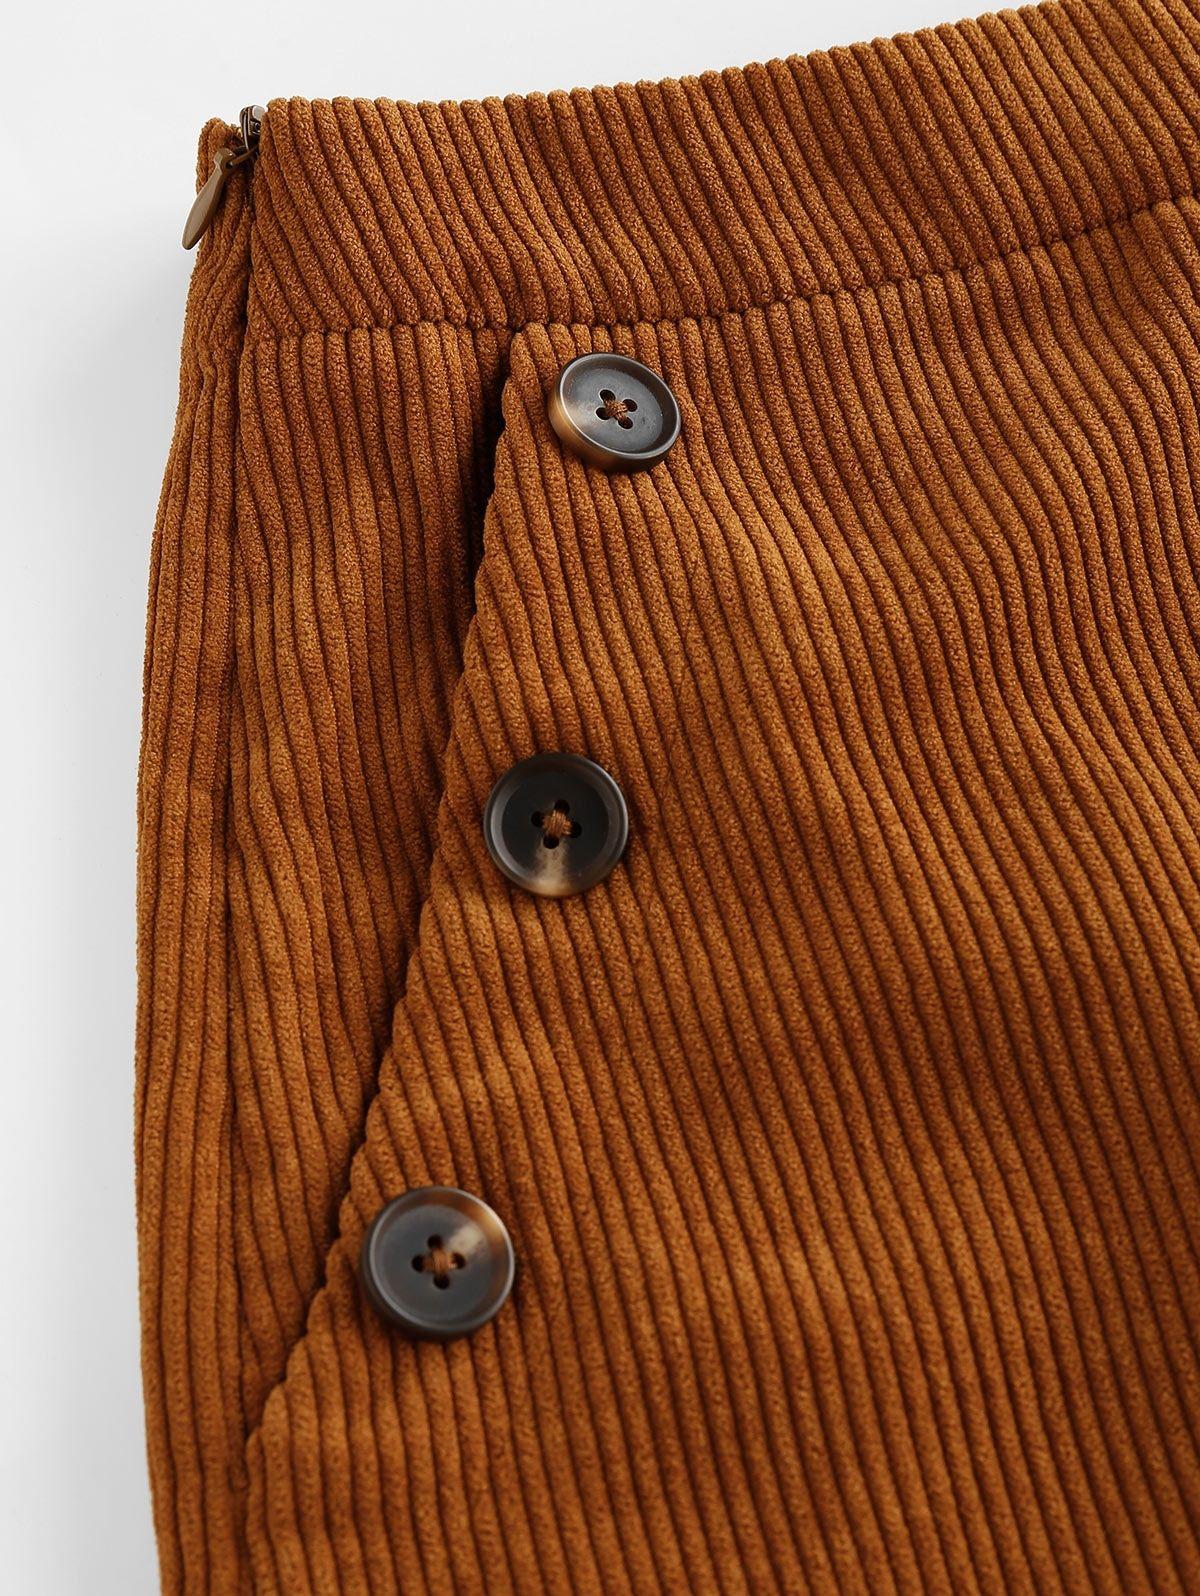 Zaful Corduroy Pocket Mock Button Shorts Brown Spon